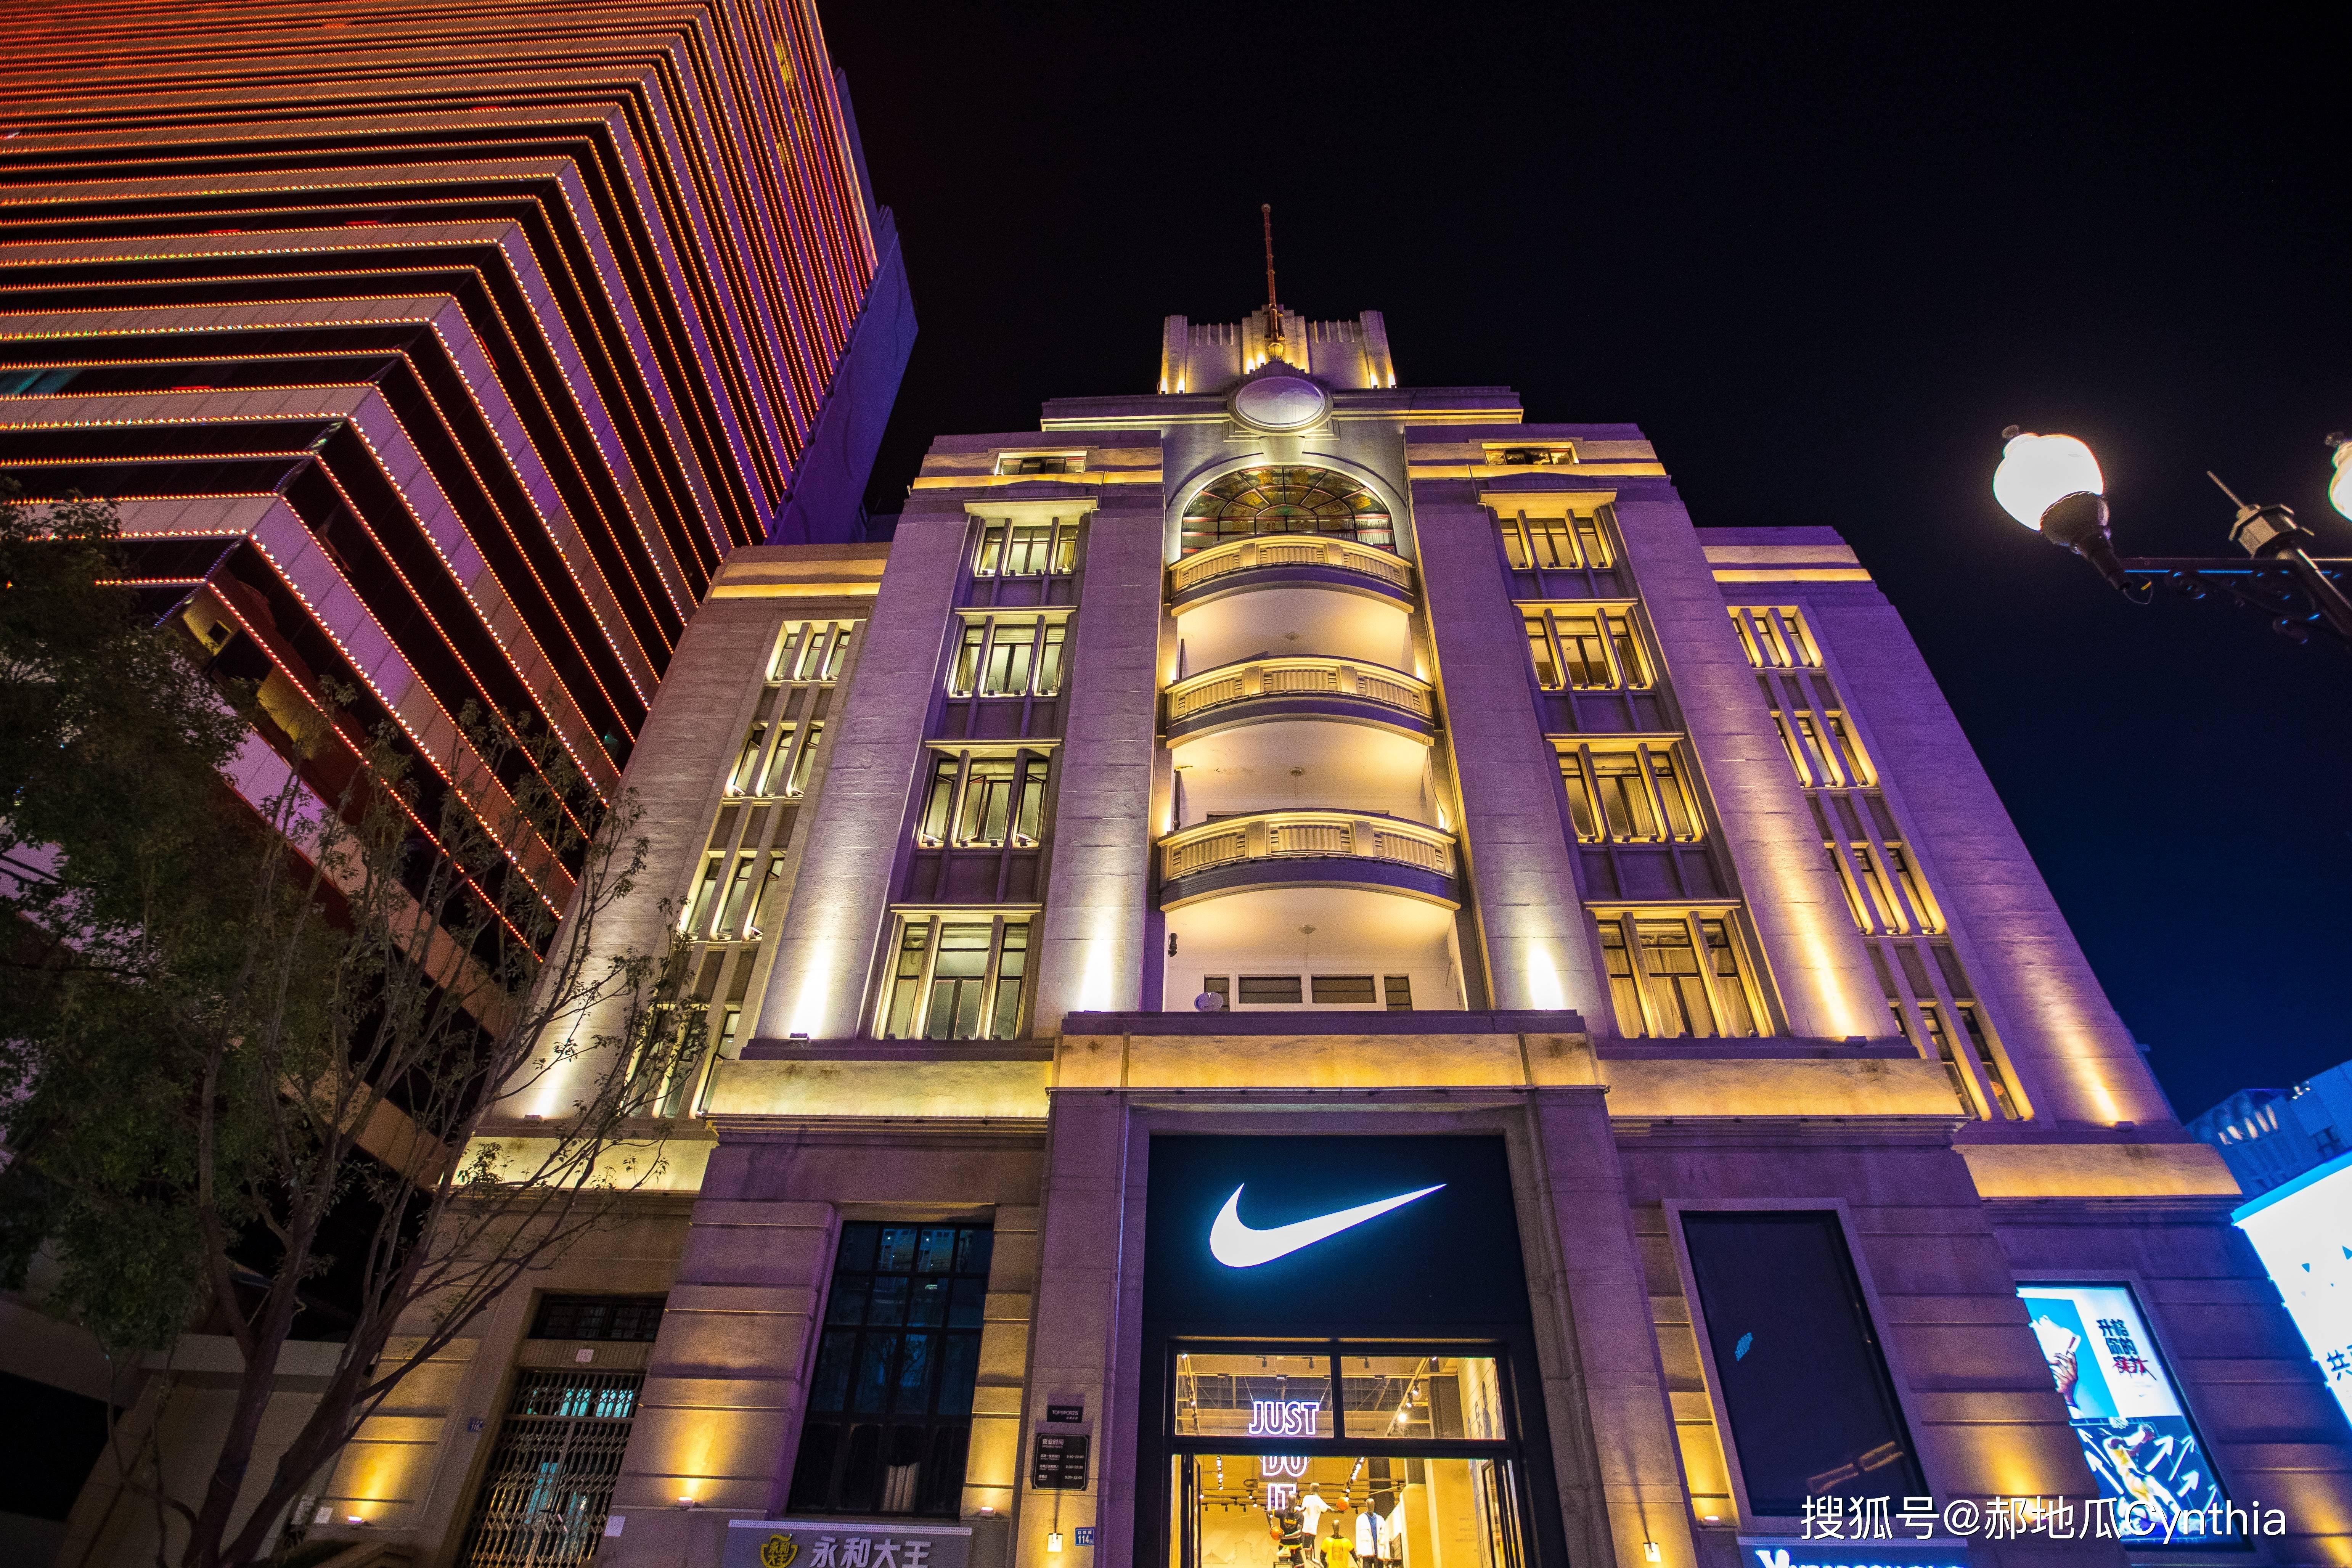 武汉这条街有什么魅力,超越北京、上海成为天下第一步行街